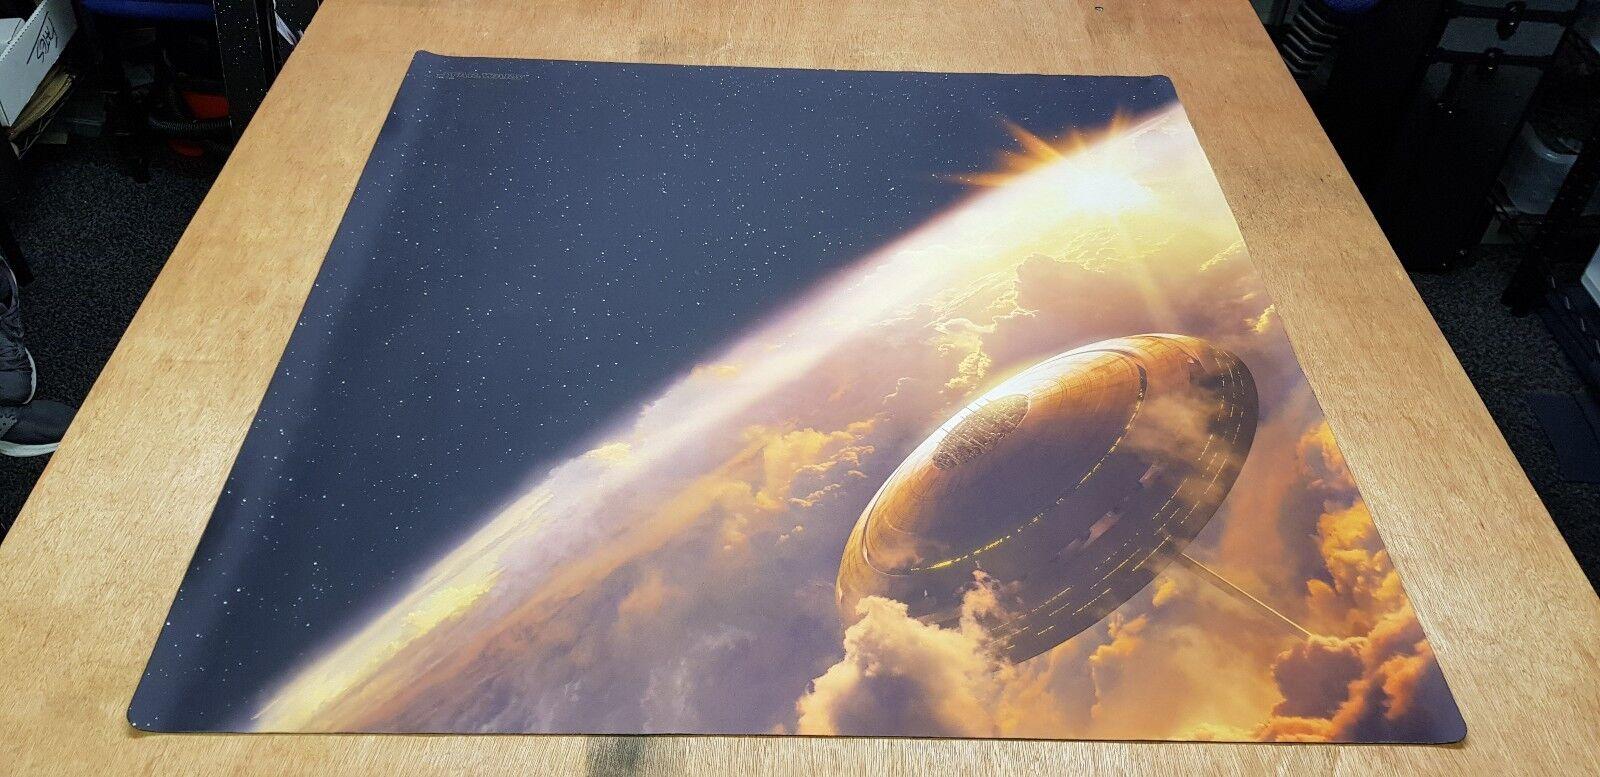 Star wars x-wing miniaturen - bespin - playmat